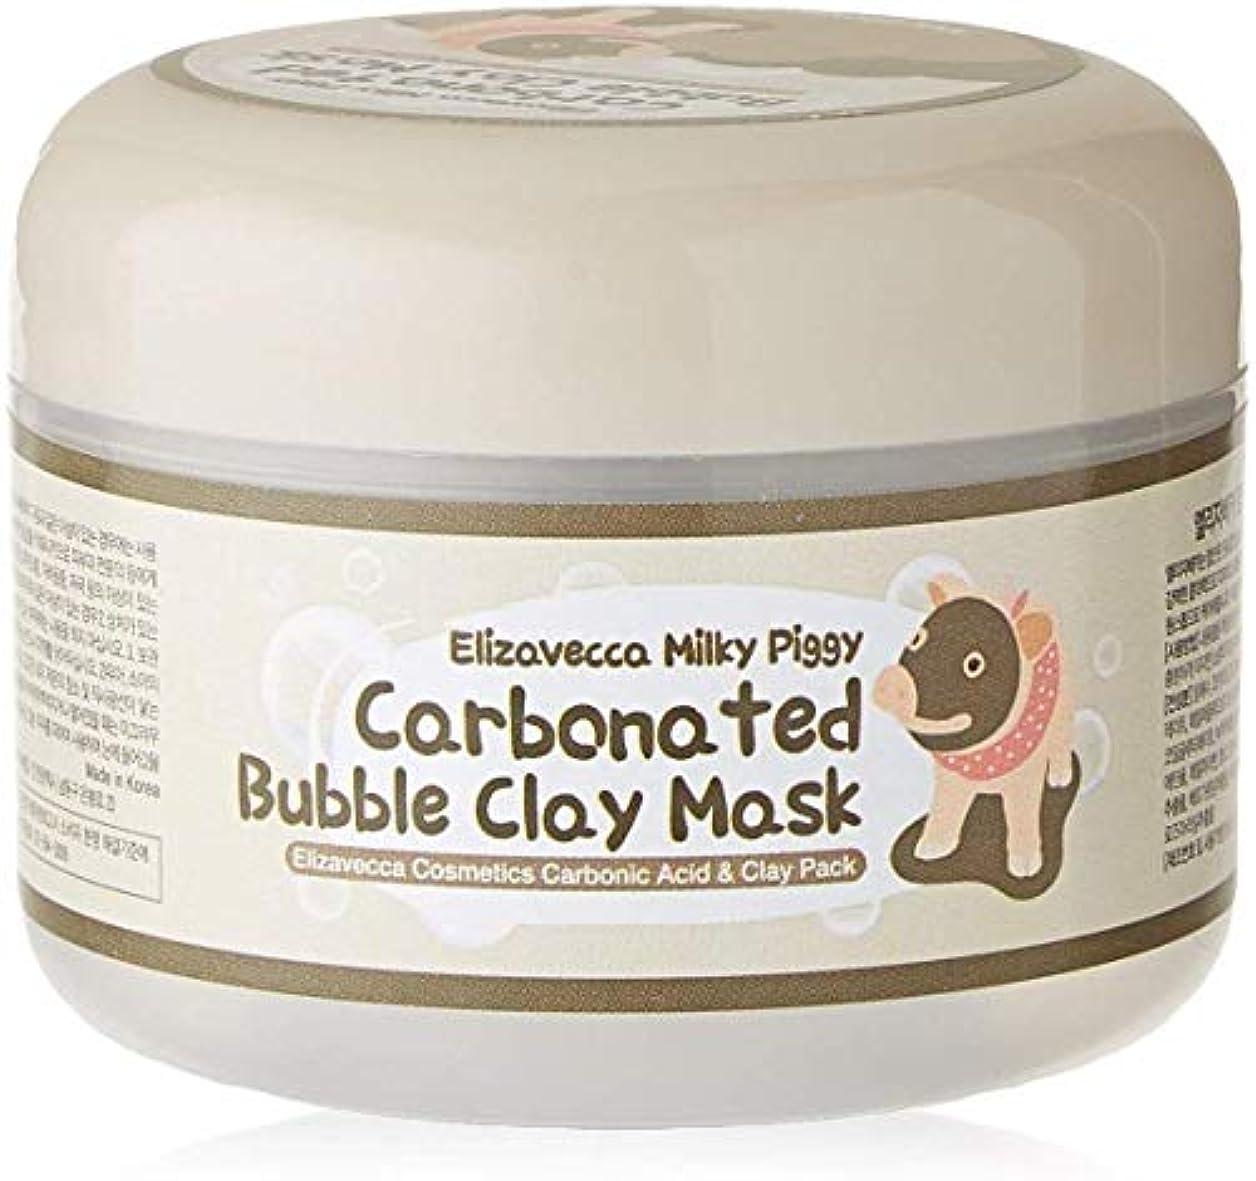 おもちゃ見分ける病気Elizavecca Milky Piggy Carbonated Bubble Clay Mask 100g -2 Packs